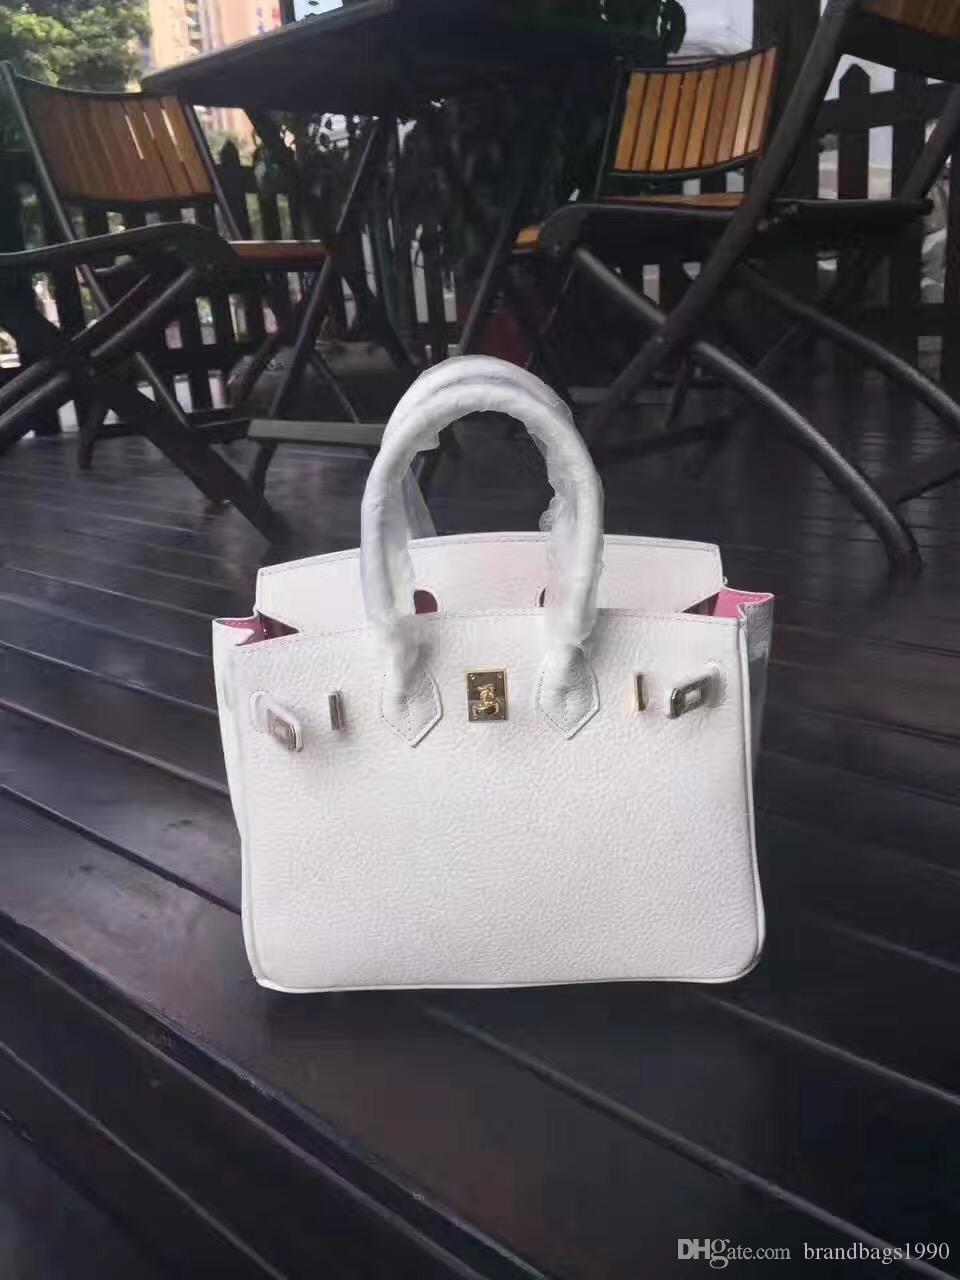 25 cm 30 cm 35 CM Marke Totes Weiße farbe mit Rosa futter Echtem leder Umhängetaschen dame Handtasche Hohe Qualität Freies Verschiffen